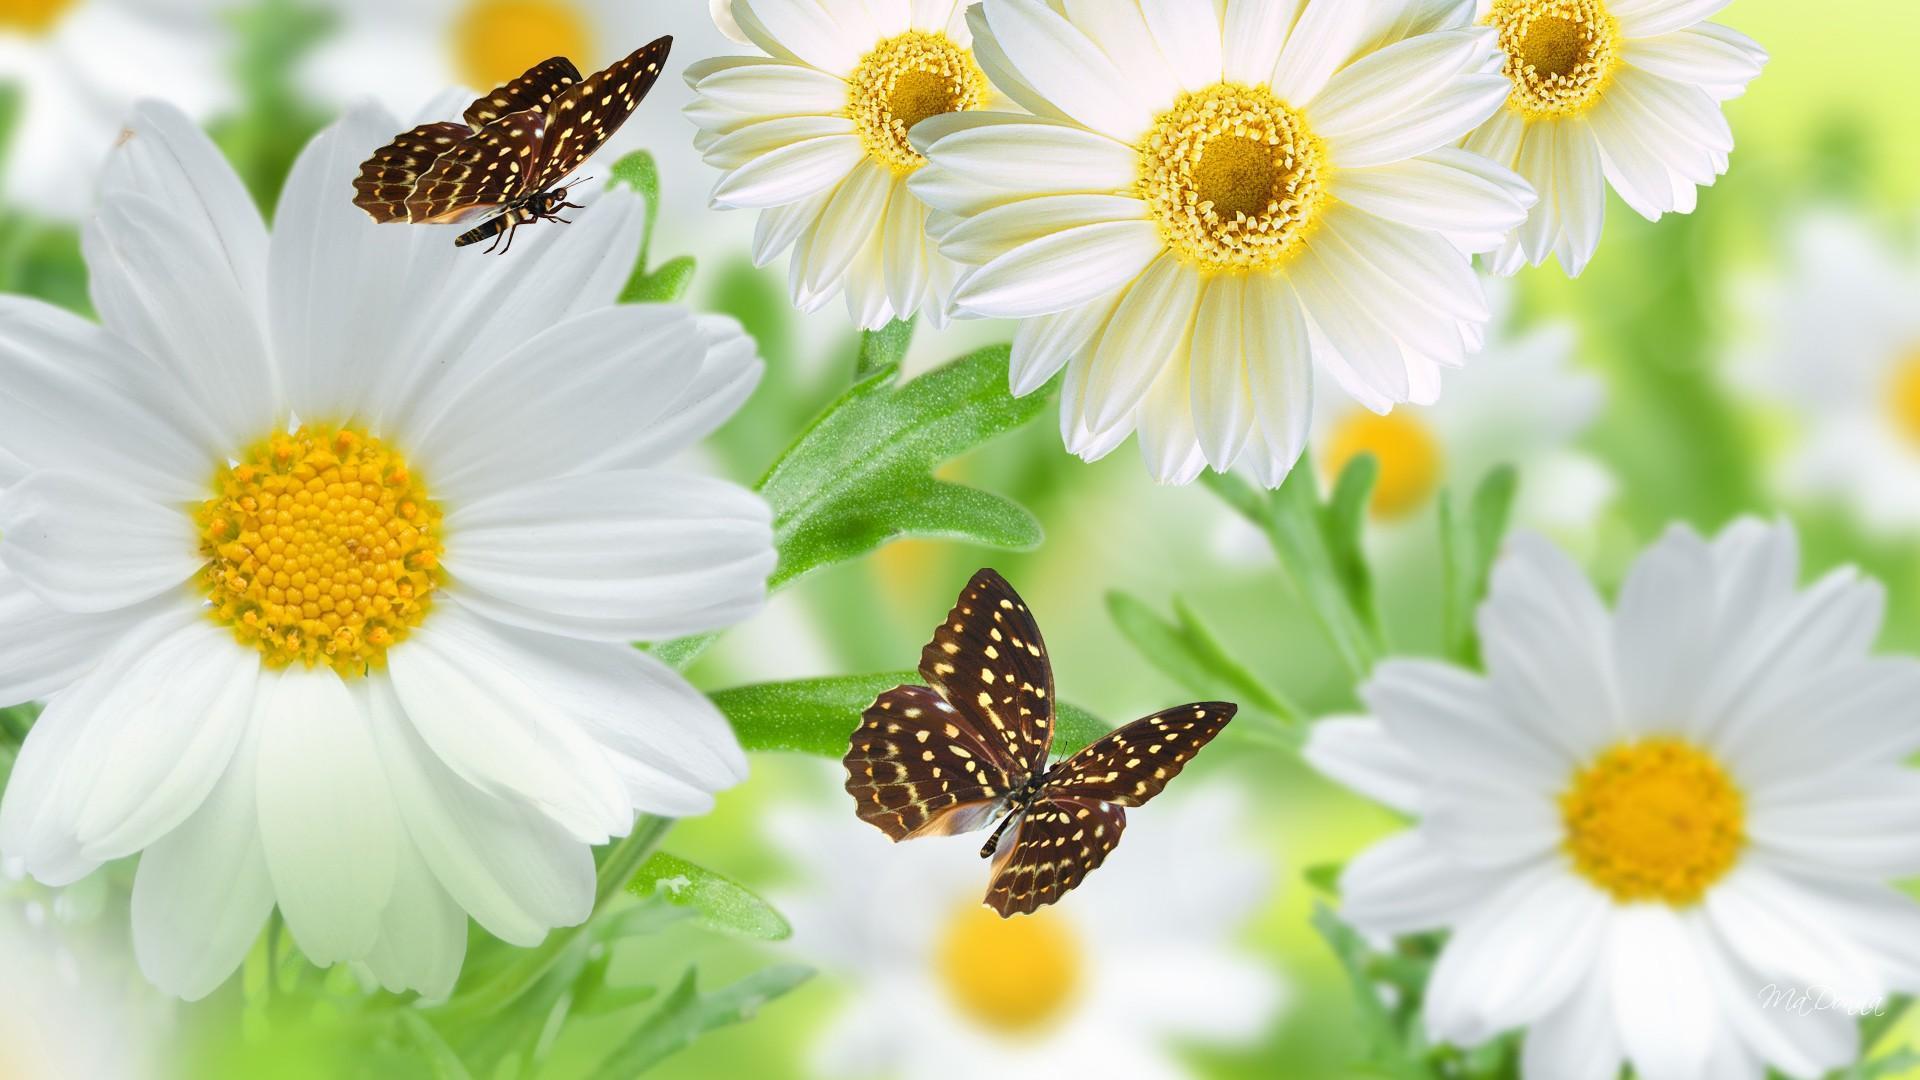 Hình ảnh mùa xuân hoa bướm đẹp (4)